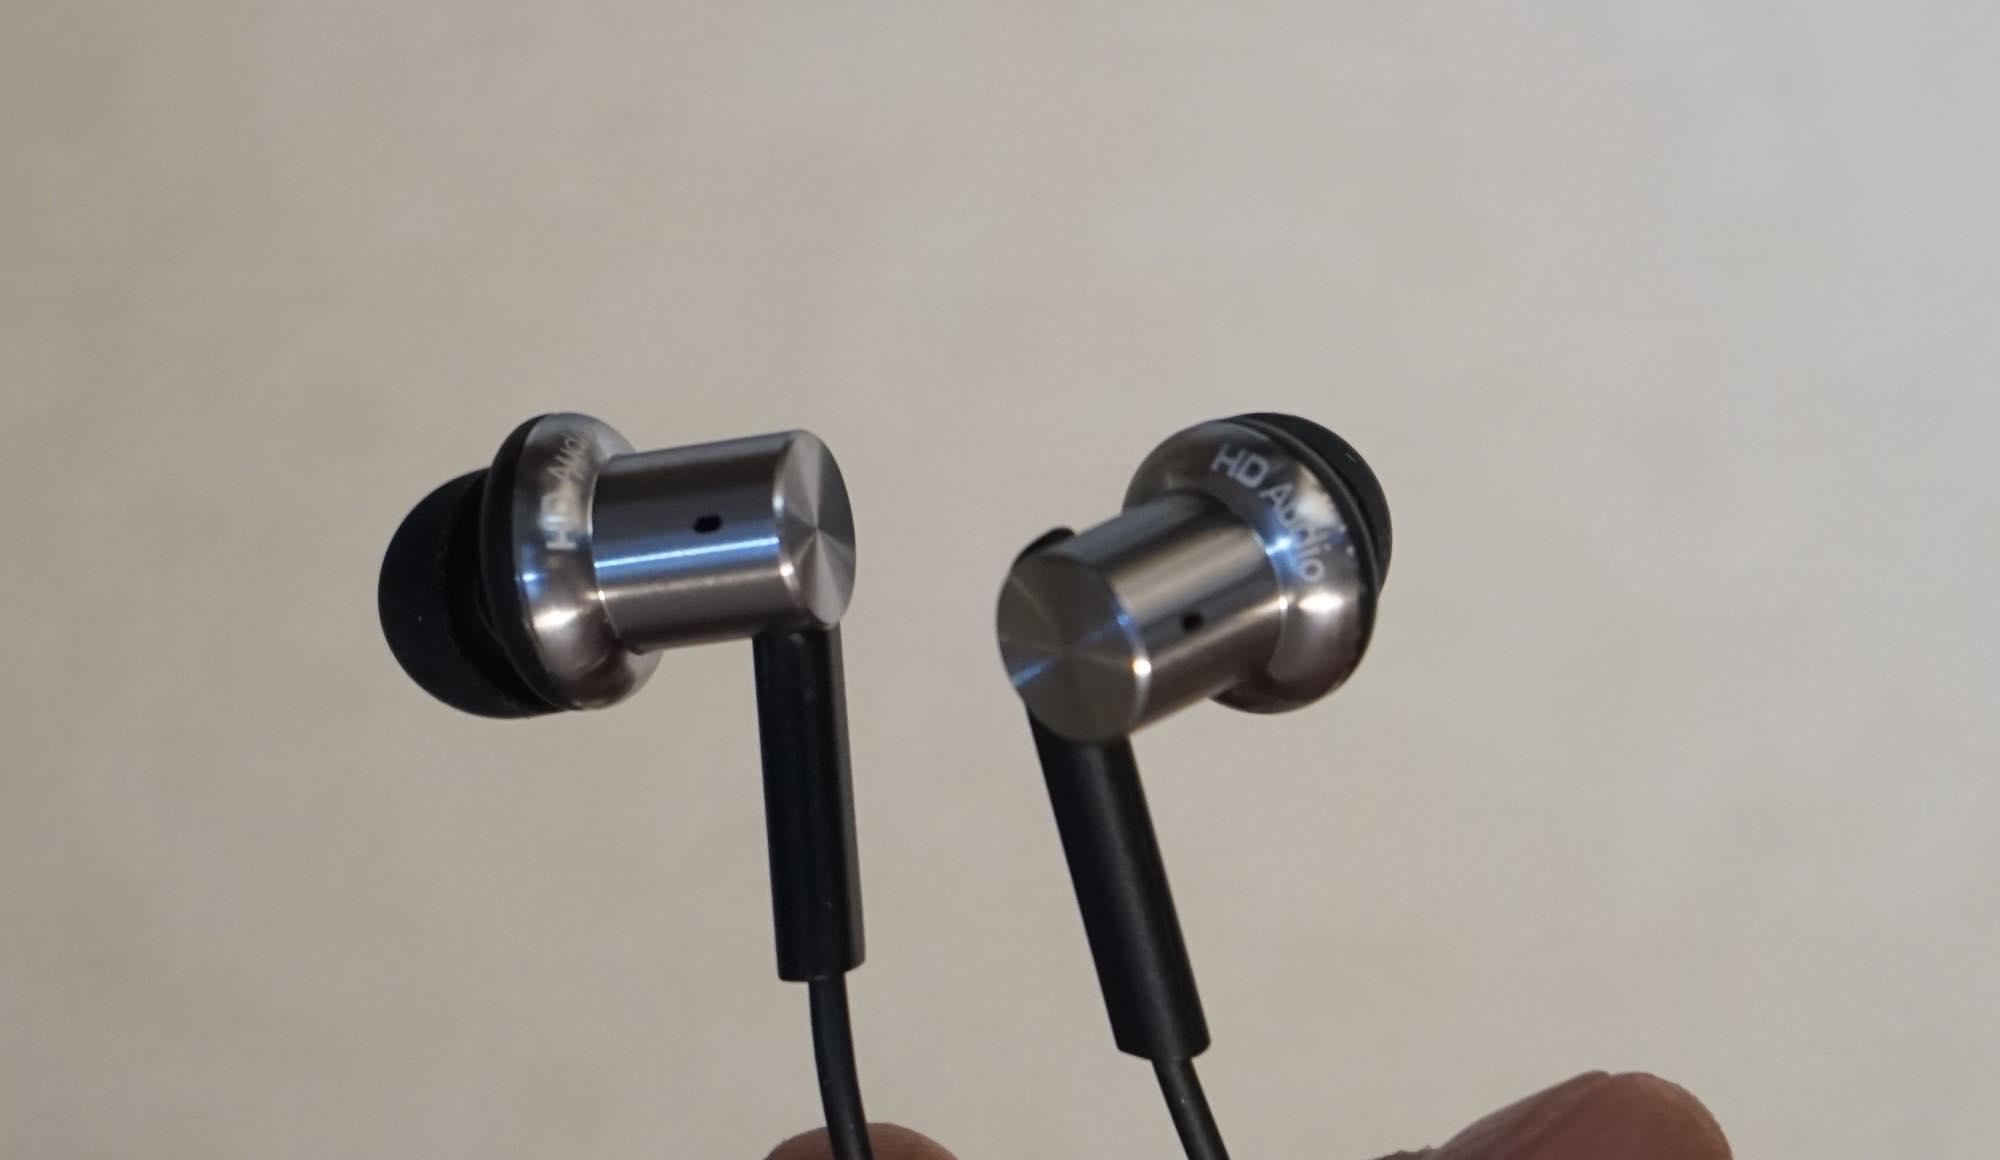 th_Mi-In-Ear-Headphones-Pro11